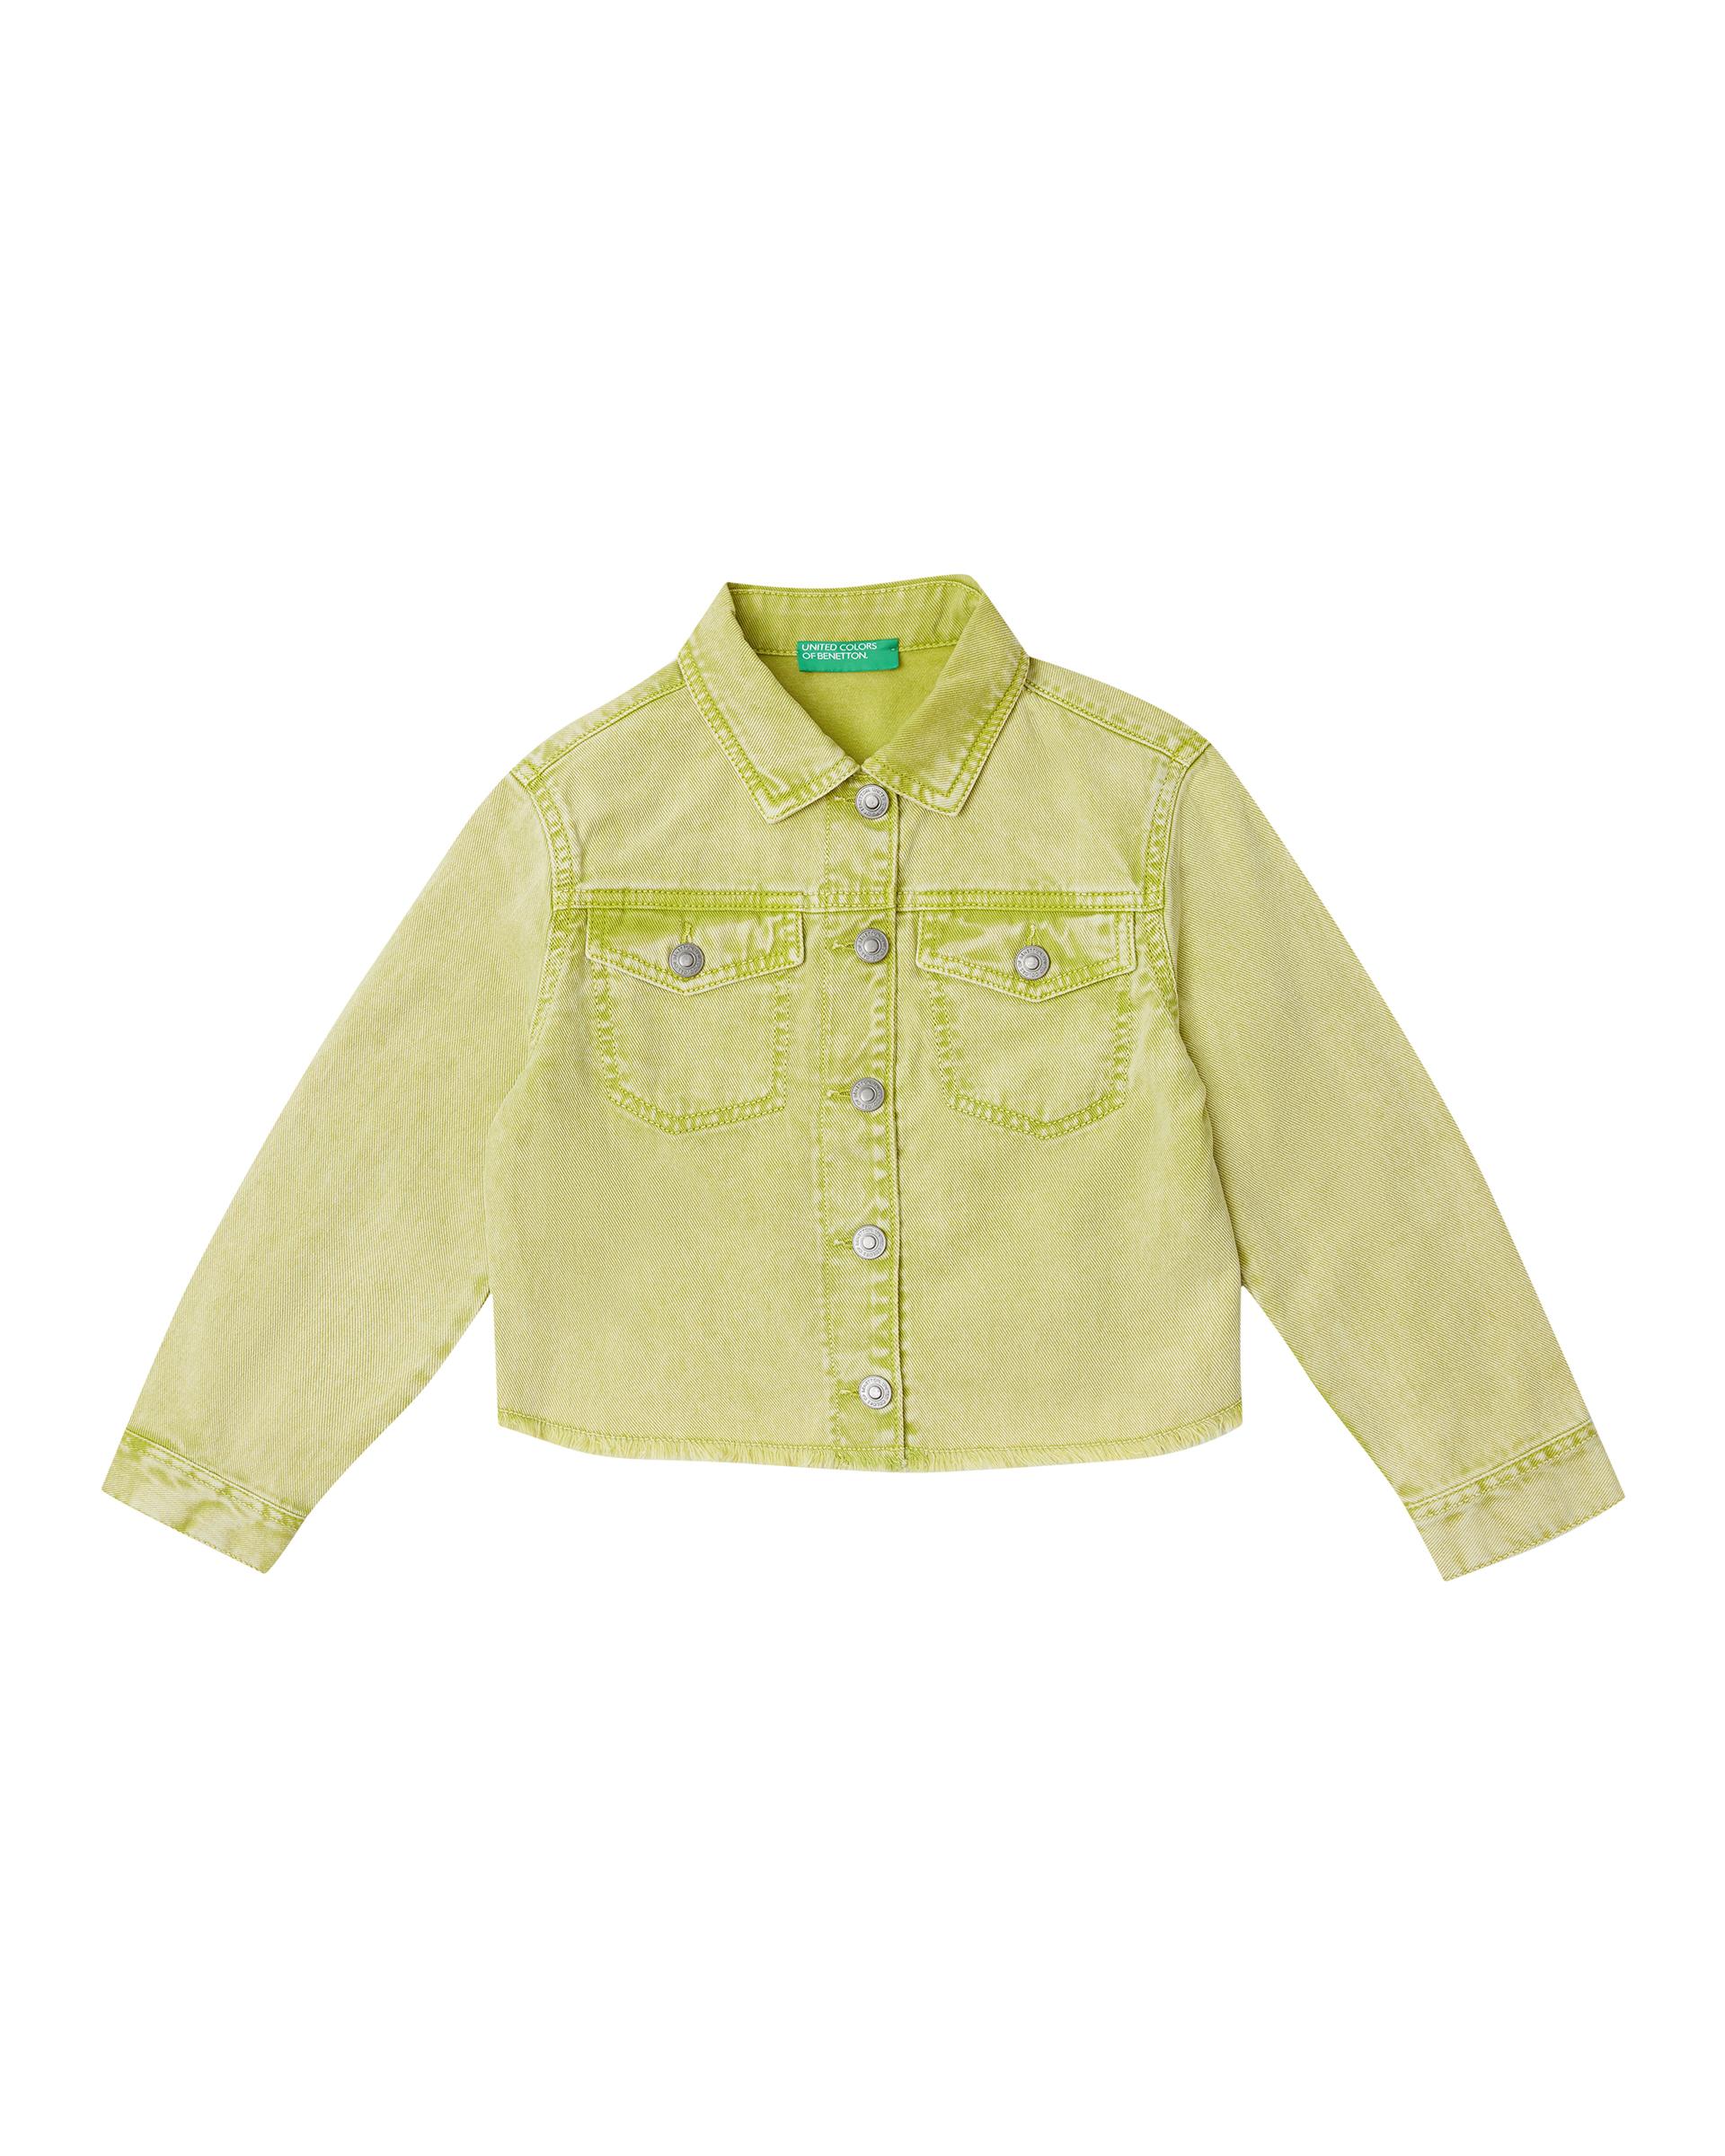 Купить 20P_2PL353HW0_902, Джинсовая куртка для девочек Benetton 2PL353HW0_902 р-р 170, United Colors of Benetton, Куртки для девочек